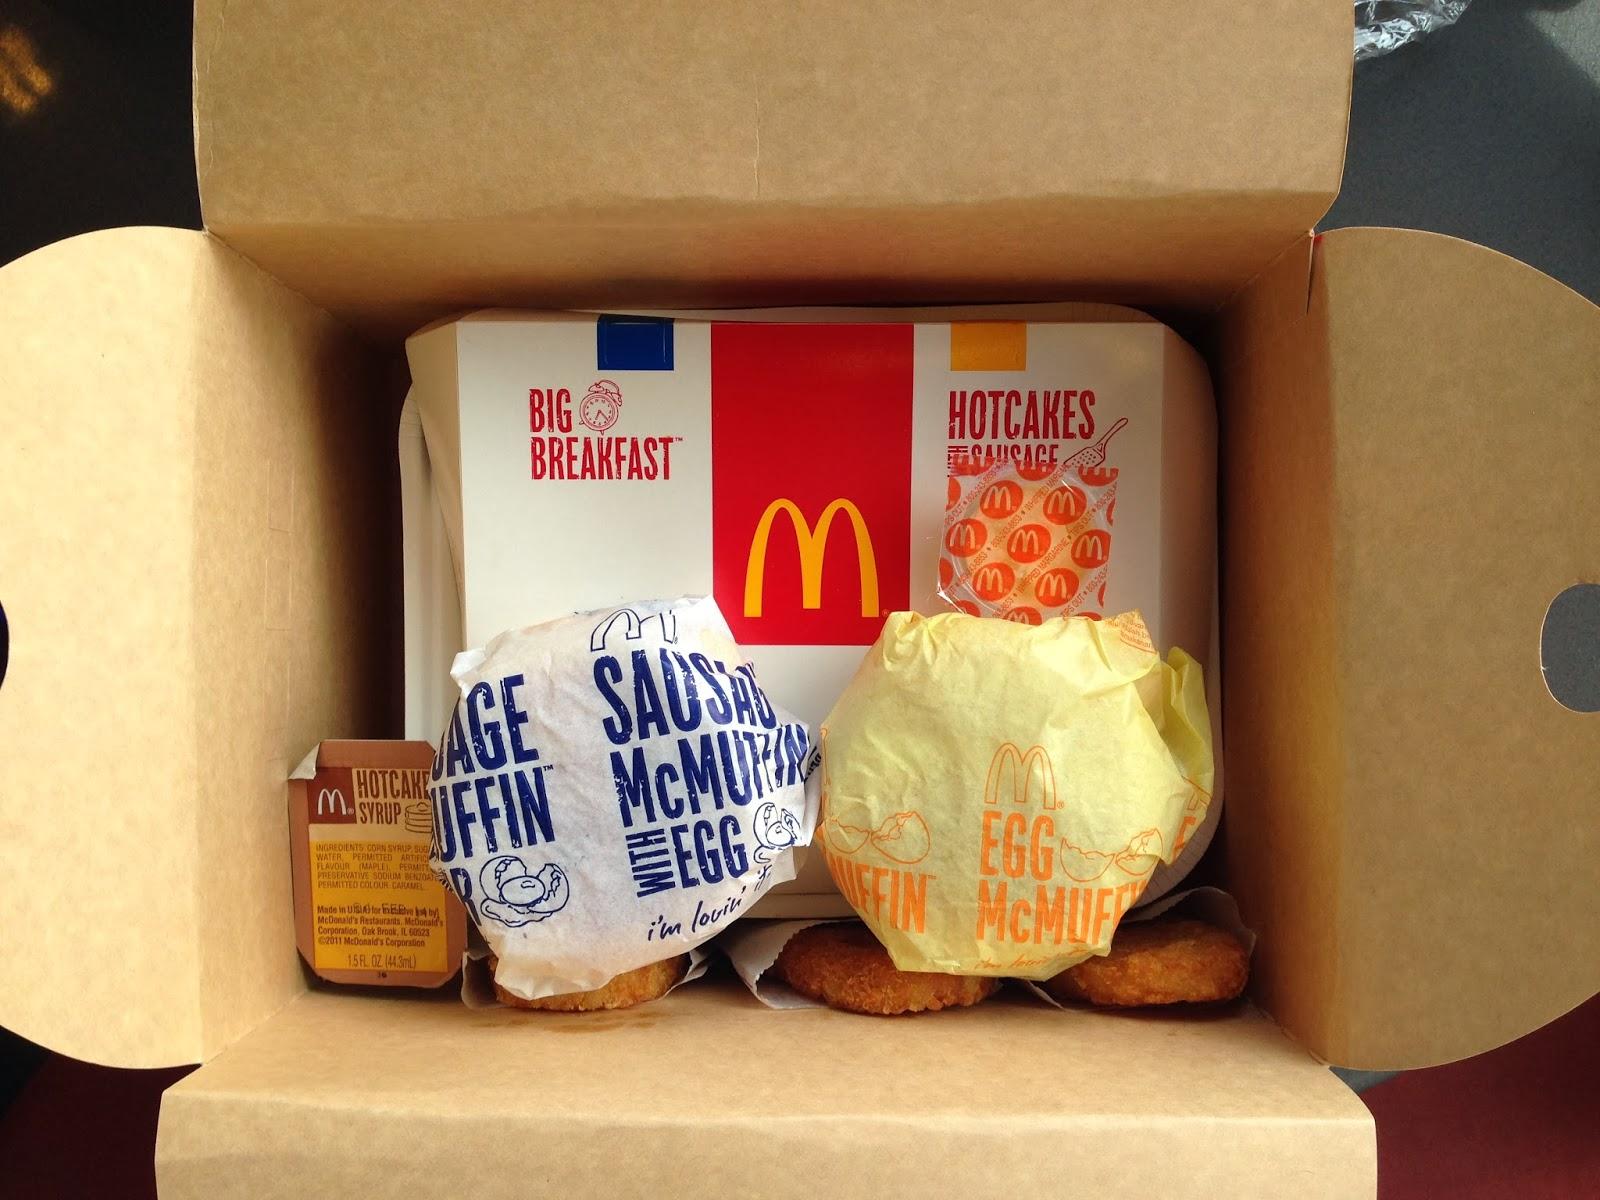 Mcdonalds Breakfast Family Pack